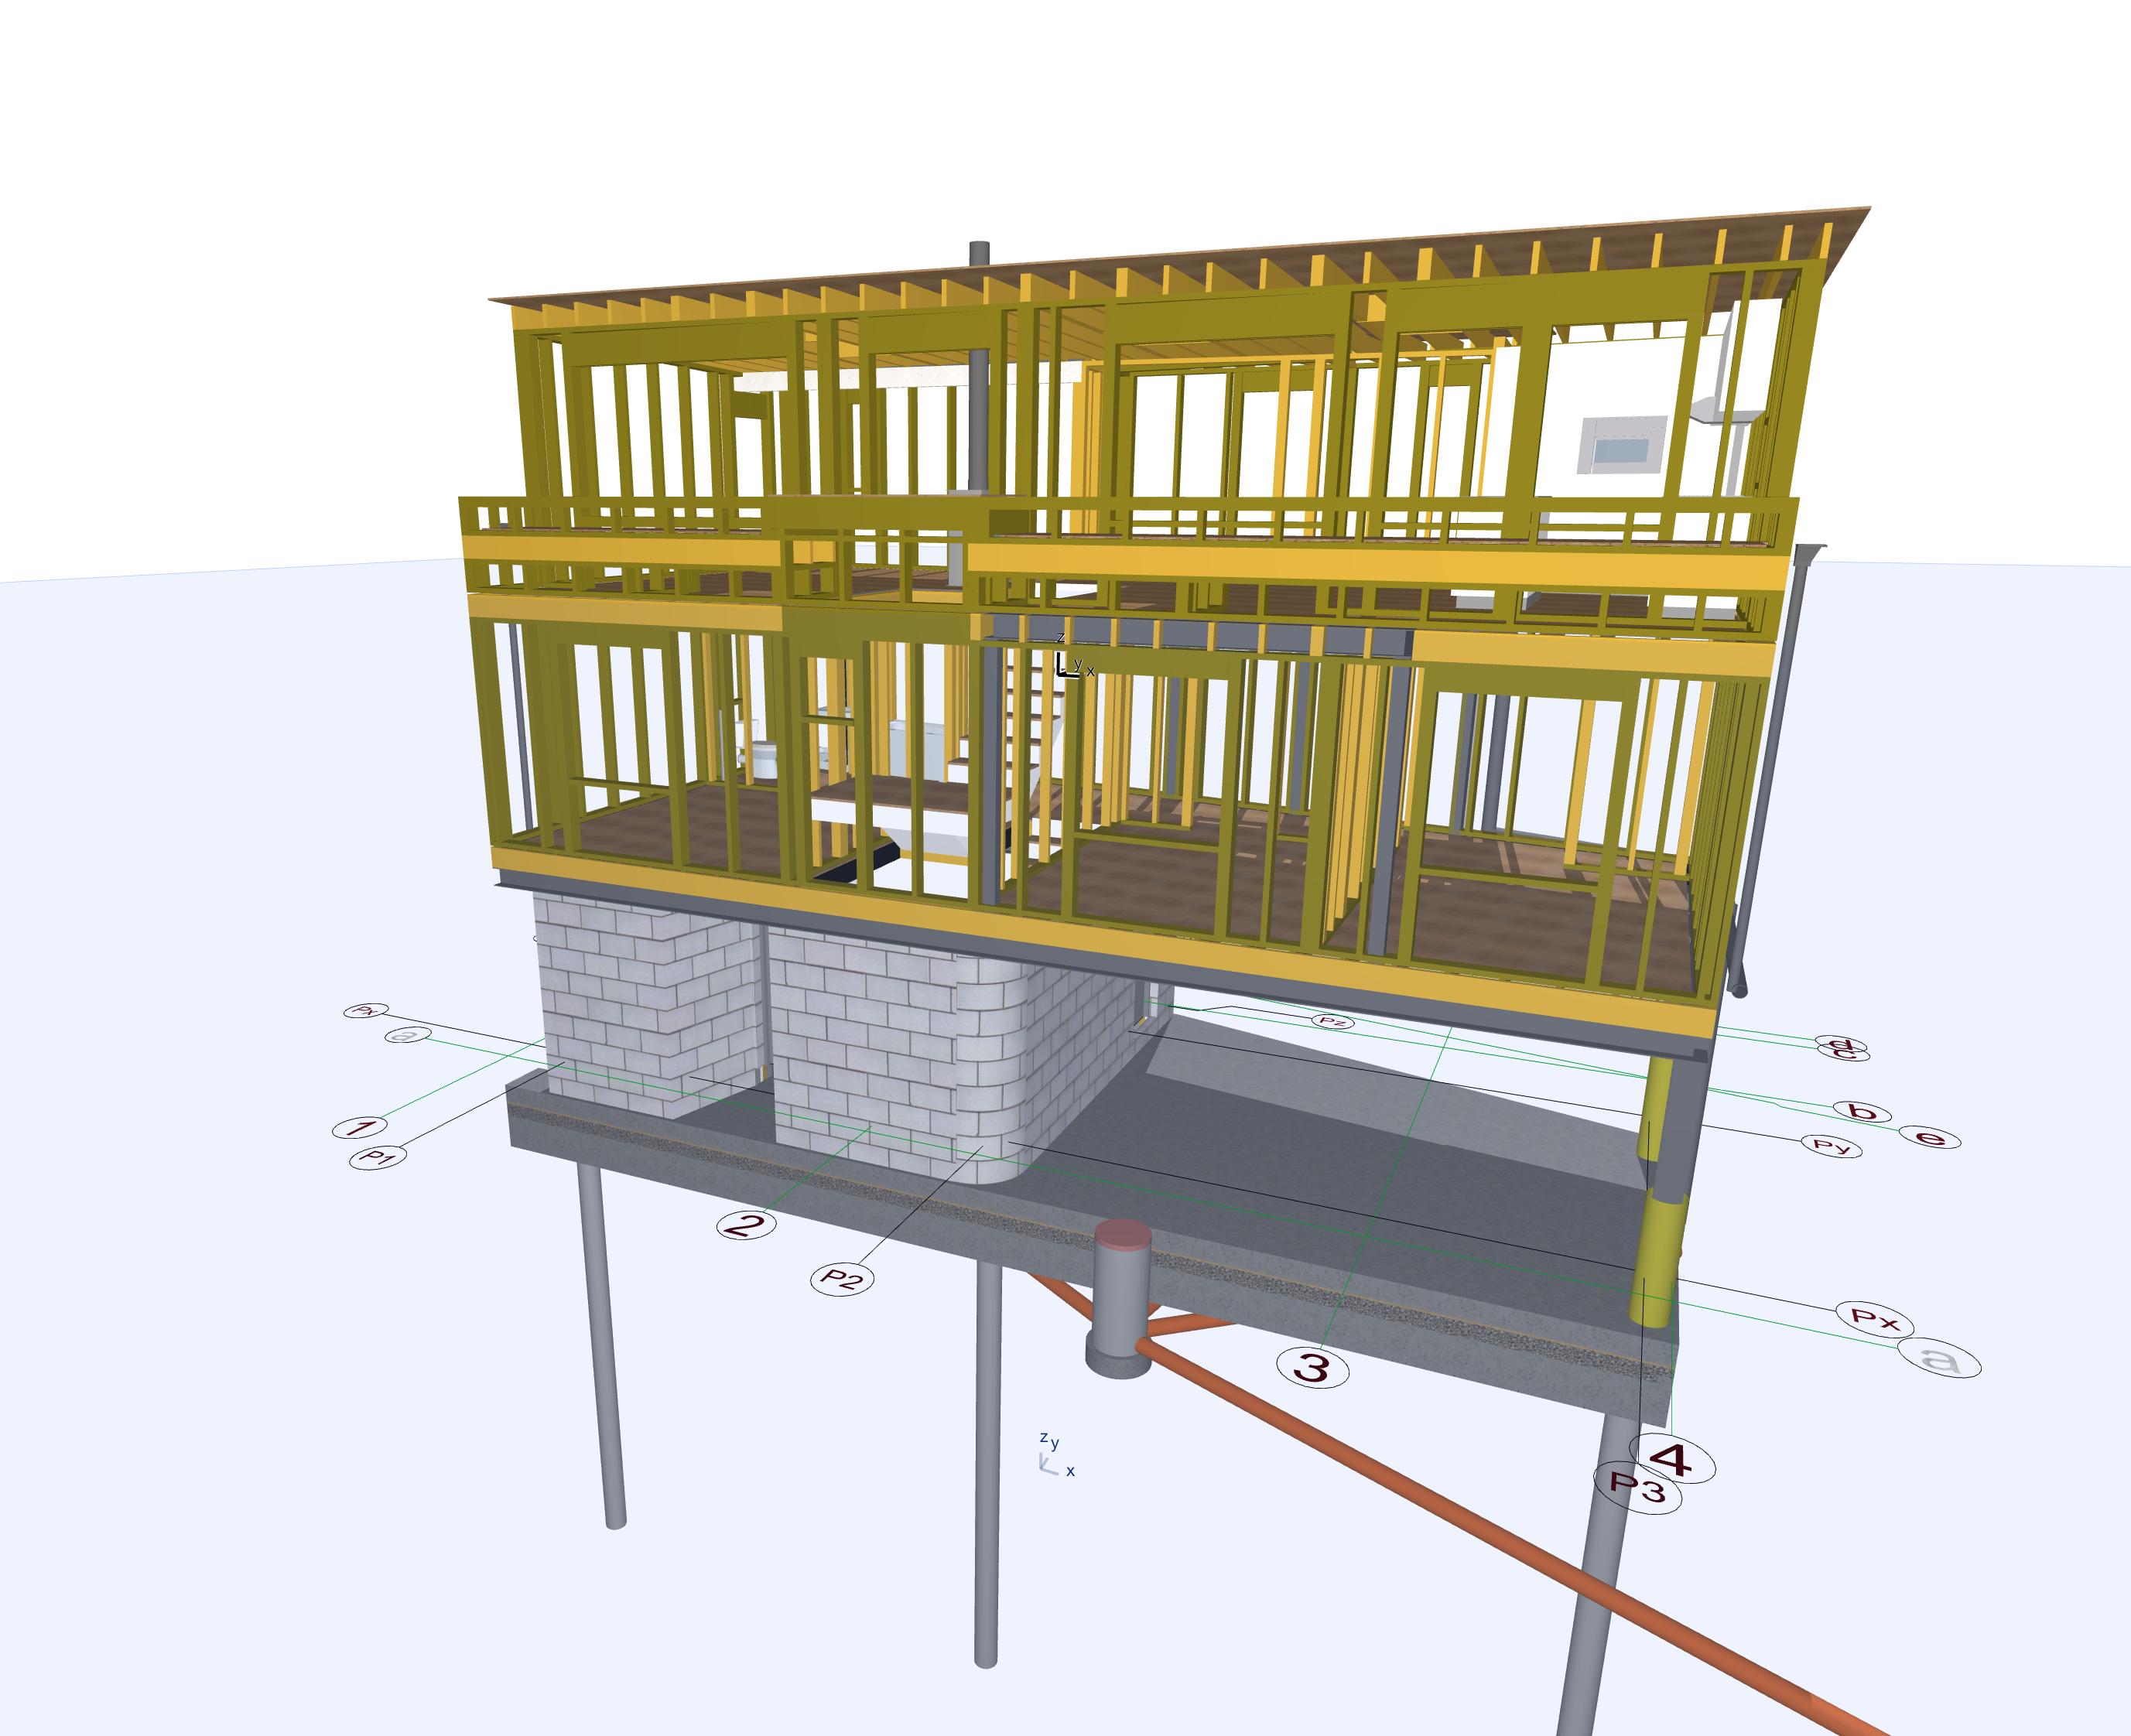 3d BIM Construction